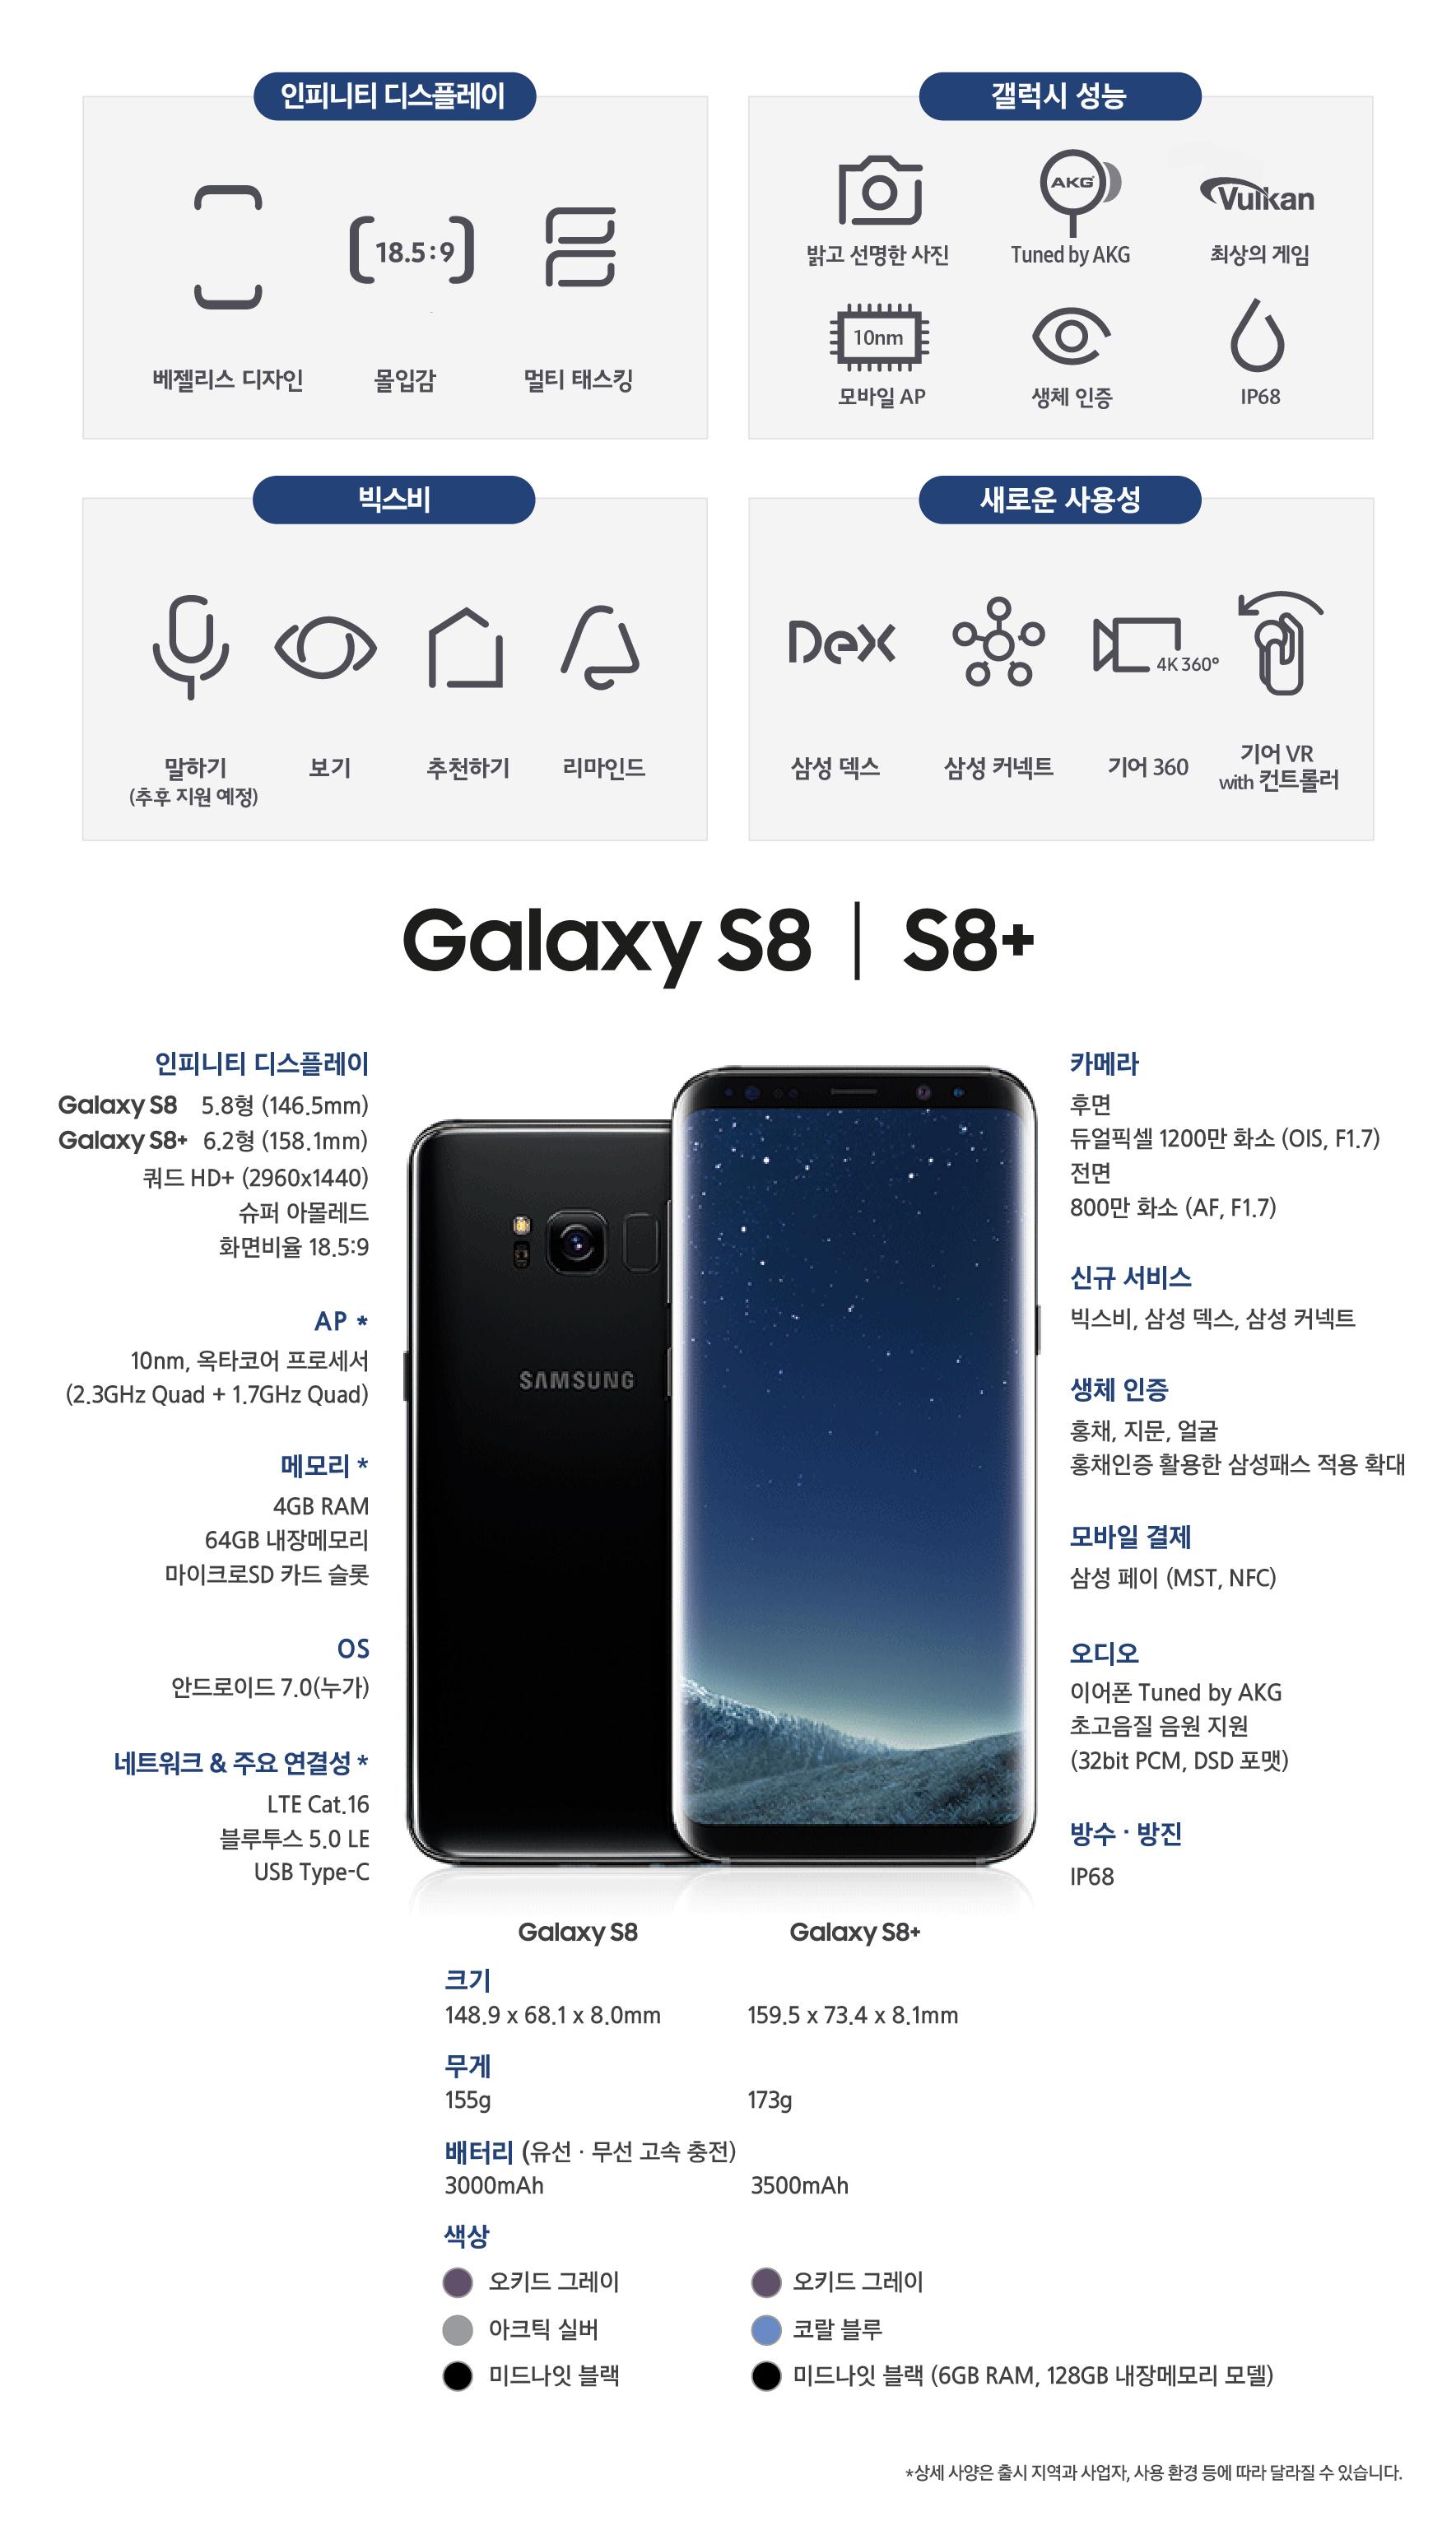 """인피니티 디스플레이, 베젤리스 디자인, 몰입감, 멀티 테스킹 갤럭시 성능 밝고 선명한 사진 AKG음향 최상의 게임 모바일AP 생체인증 IP68 빅스비 말하기 보기 추천하기 리마인드 새로운 사용성 삼성덱스 삼성 커넥트 기어 360 기어VR WITH 컨트롤러  디스플레이 Galaxy S8 인피니티 디스플레이 5.8"""" 슈퍼 아몰레드 쿼드 HD+ (2960 X 1440) 18.5:9  570ppi  Galaxy S8+ 인피니티 디스플레이 엣지스크린 6.2"""" 슈퍼 아몰레드 쿼드 HD+ (2960 X 1440) 18.5:9  529ppi, AP 64 bit,10㎚ 프로세서 옥타코어 (2.3㎓ 쿼드 +1.7㎓ 쿼드)옥타코어  (2.3㎓ 쿼드 +1.9㎓ 쿼드) 메모리 4GB RAM (LPDDR4) 64GB 내장메모리 (UFS 2.1) 마이크로SD 슬롯 (최대 256GB) 카메라 후면 듀얼 픽셀 1200만 화소(F1.7) 스마트 OIS 전면 800만 화소 (F1.7) , 크기무게 Galaxy S8 148.9 X 68.1 X 8.0 ㎜ 155g  Galaxy S8 + 159.5 X 73.4 X 8.1 ㎜ 173g. 생체인증 지문 얼굴 홍채 색상 오키드그레이 아크틱 실버 미드나잇 블랙 코랄블루 상세 사양은 출시 지역과 사업자, 사용 환경 등에 따라 달라질 수 있습니다"""